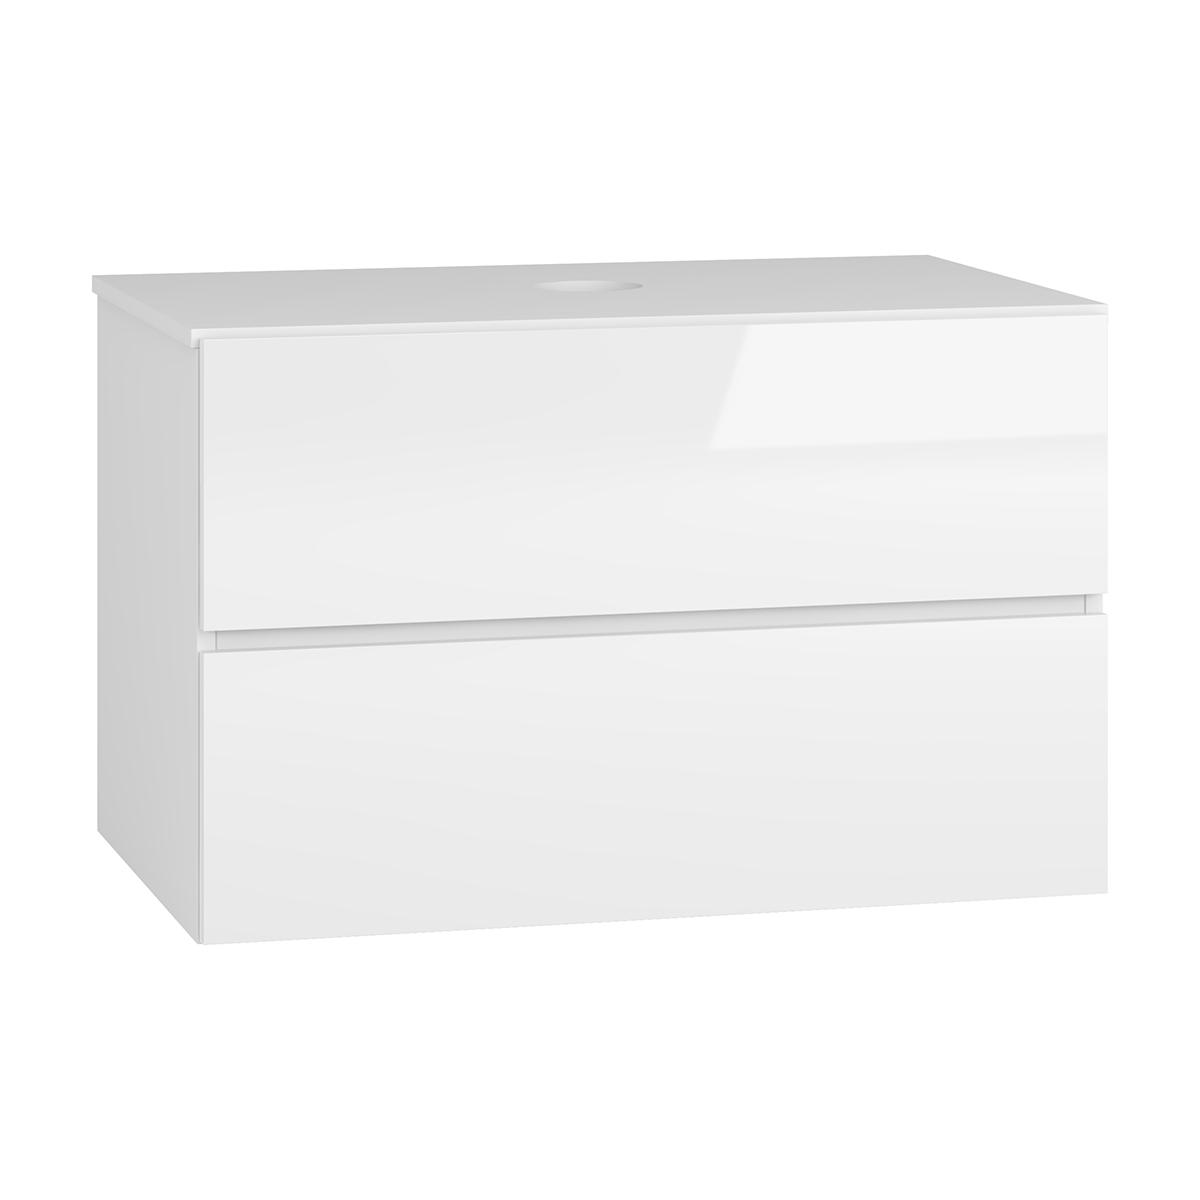 NABBI Baleta S80 kúpeľňová skrinka pod umývadlo alaska / biely lesk